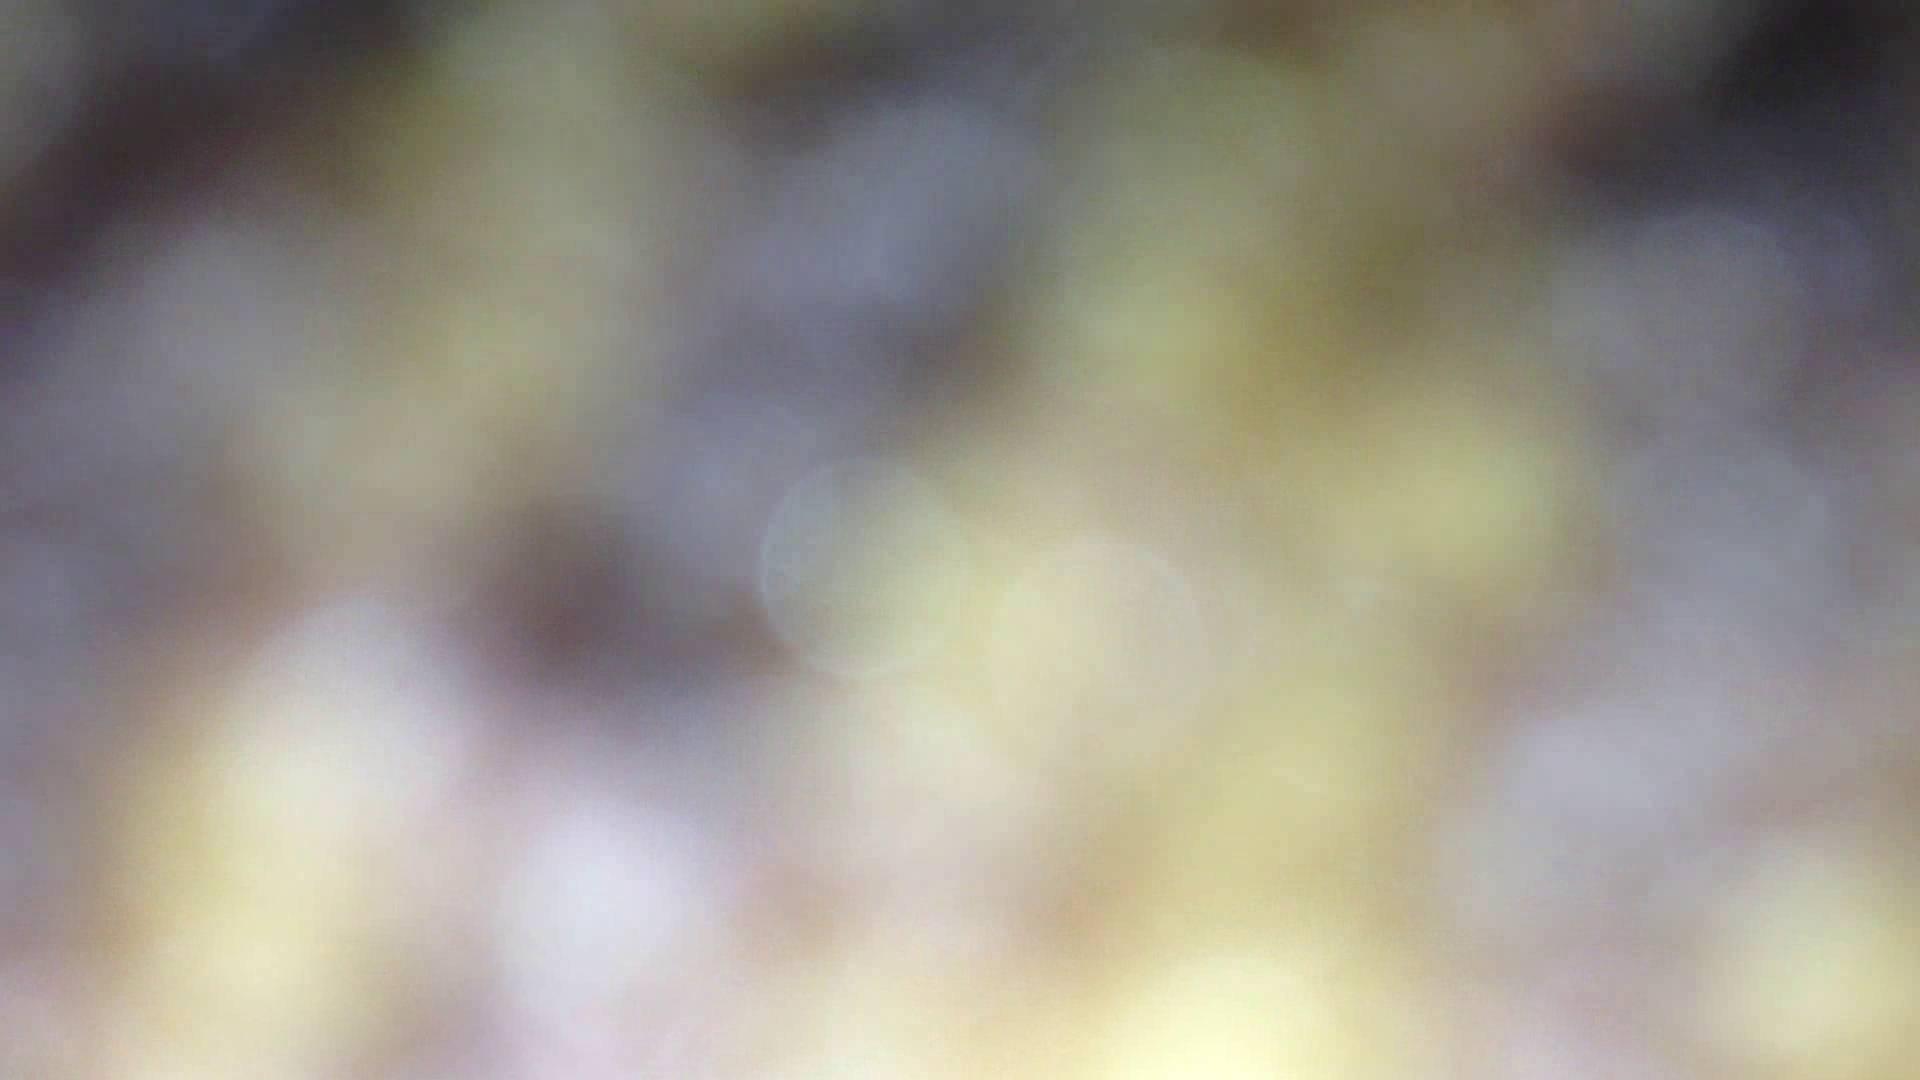 ヒトニアラズvol.1 0   0  55画像 1